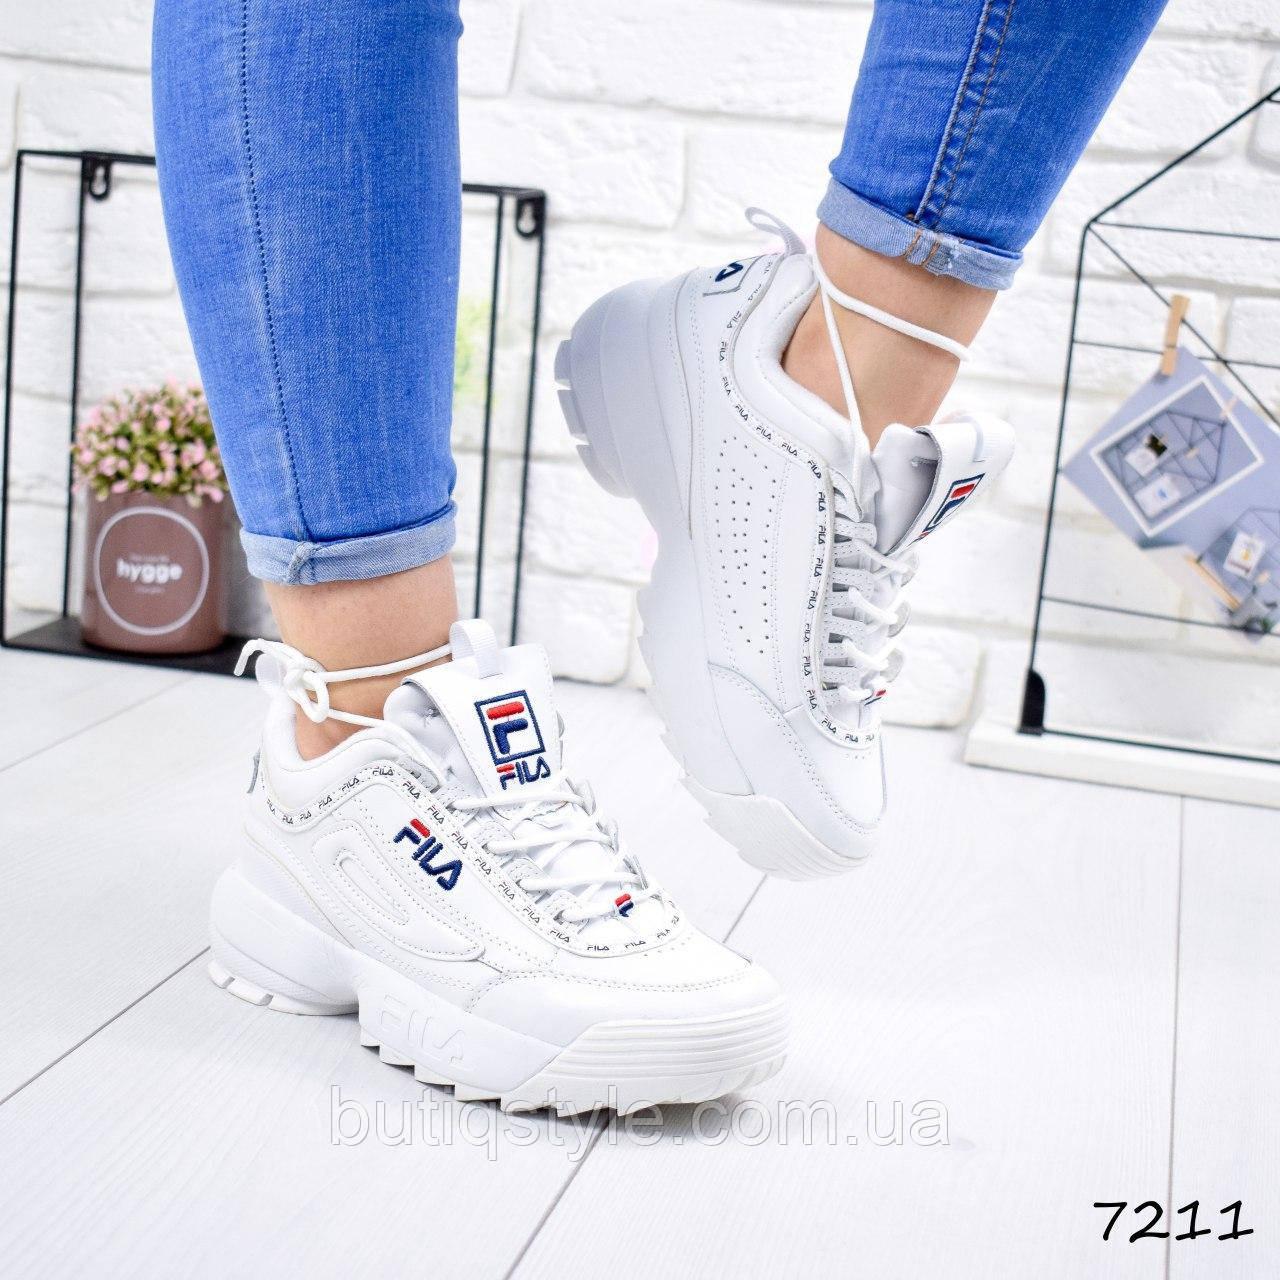 38, 41 размер Женские кроссовки белые Fil@ натуральная кожа